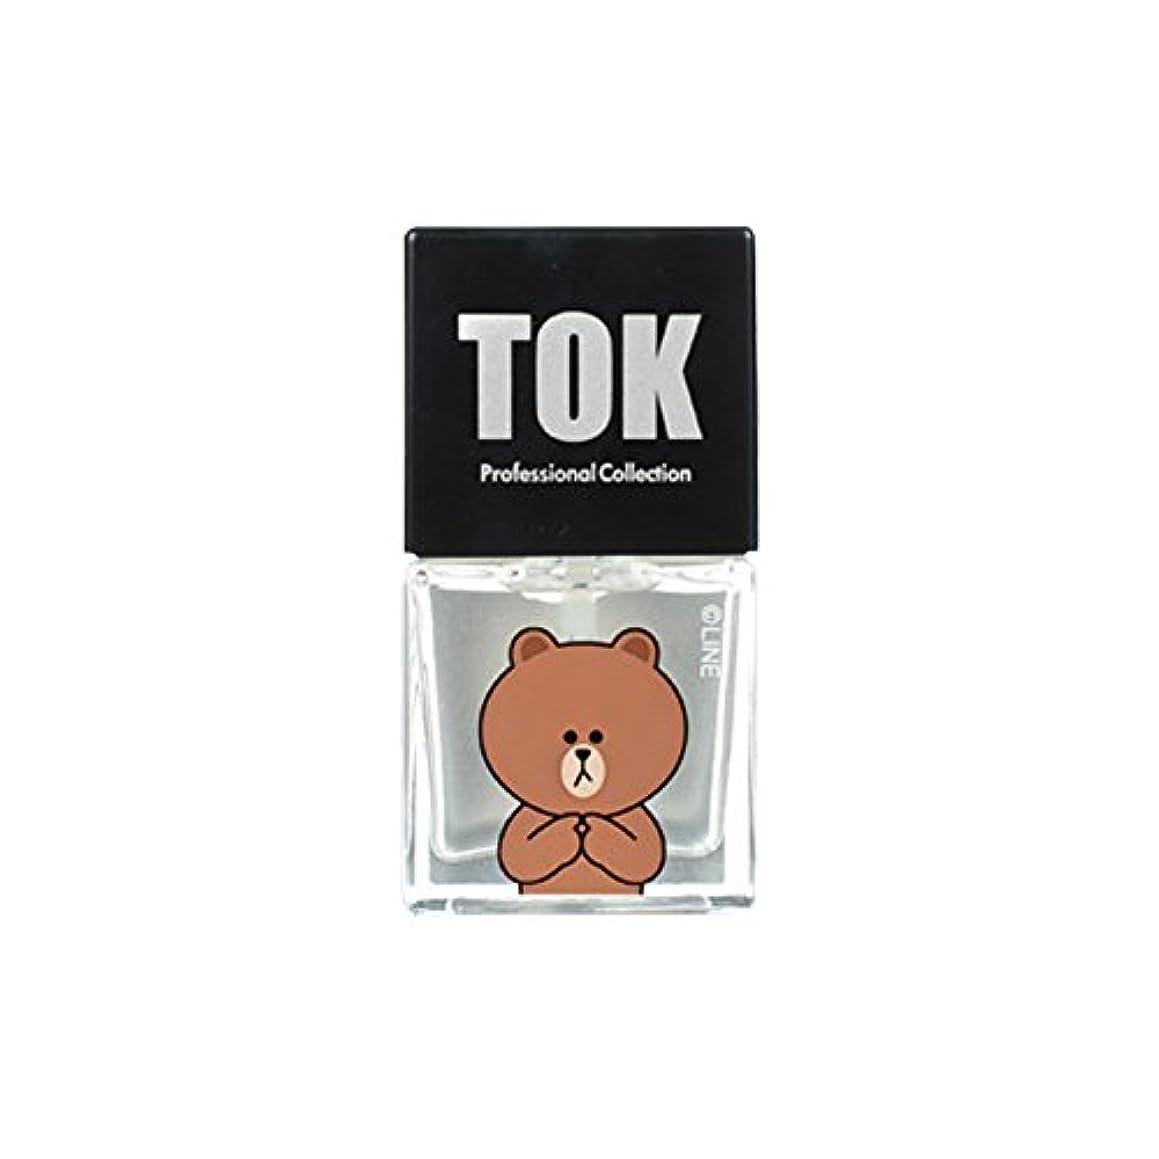 土器一般的に言えばやめるTOK Line Friends ネイル基本ケア ベースコート トップコート キューティクルオイル キューティクルリムーバー 栄養剤 /TOK Line Friends Nail Hybrid Basic Care[海外直送品...